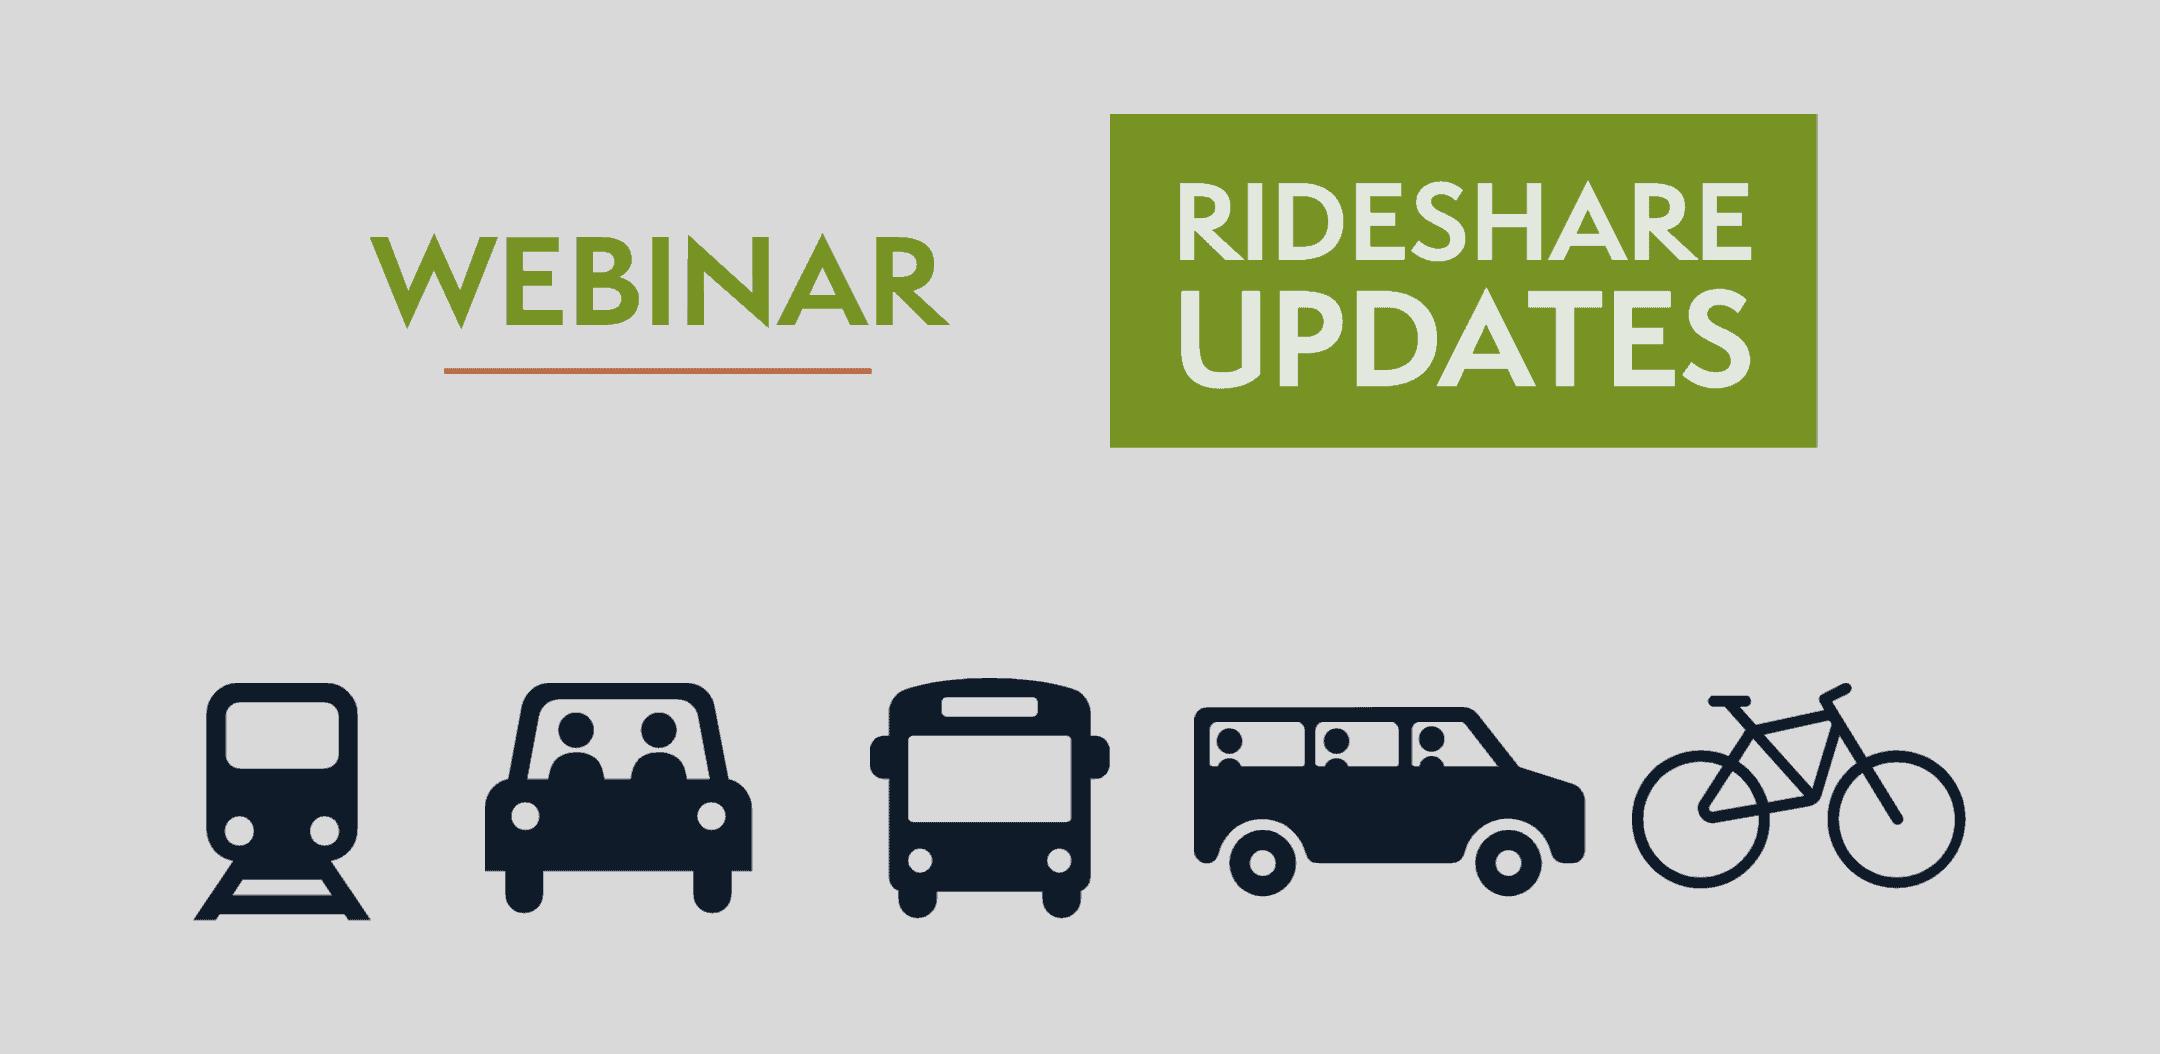 Irvine Rideshare Updates